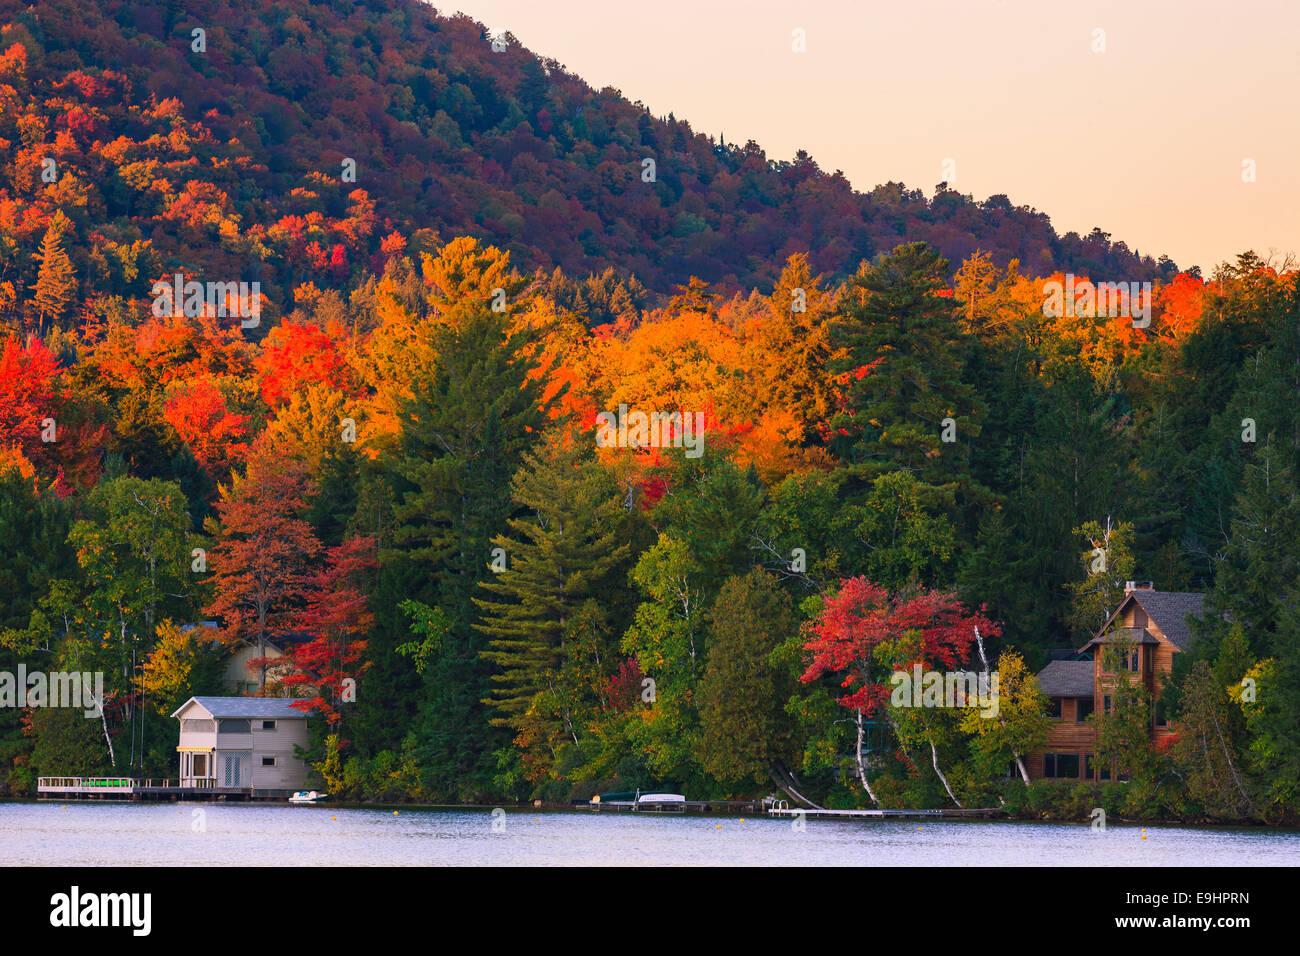 Colores de otoño en el Lago Espejo en Lake Placid en Adirondack State Park en la parte norte del estado de Nueva Foto de stock